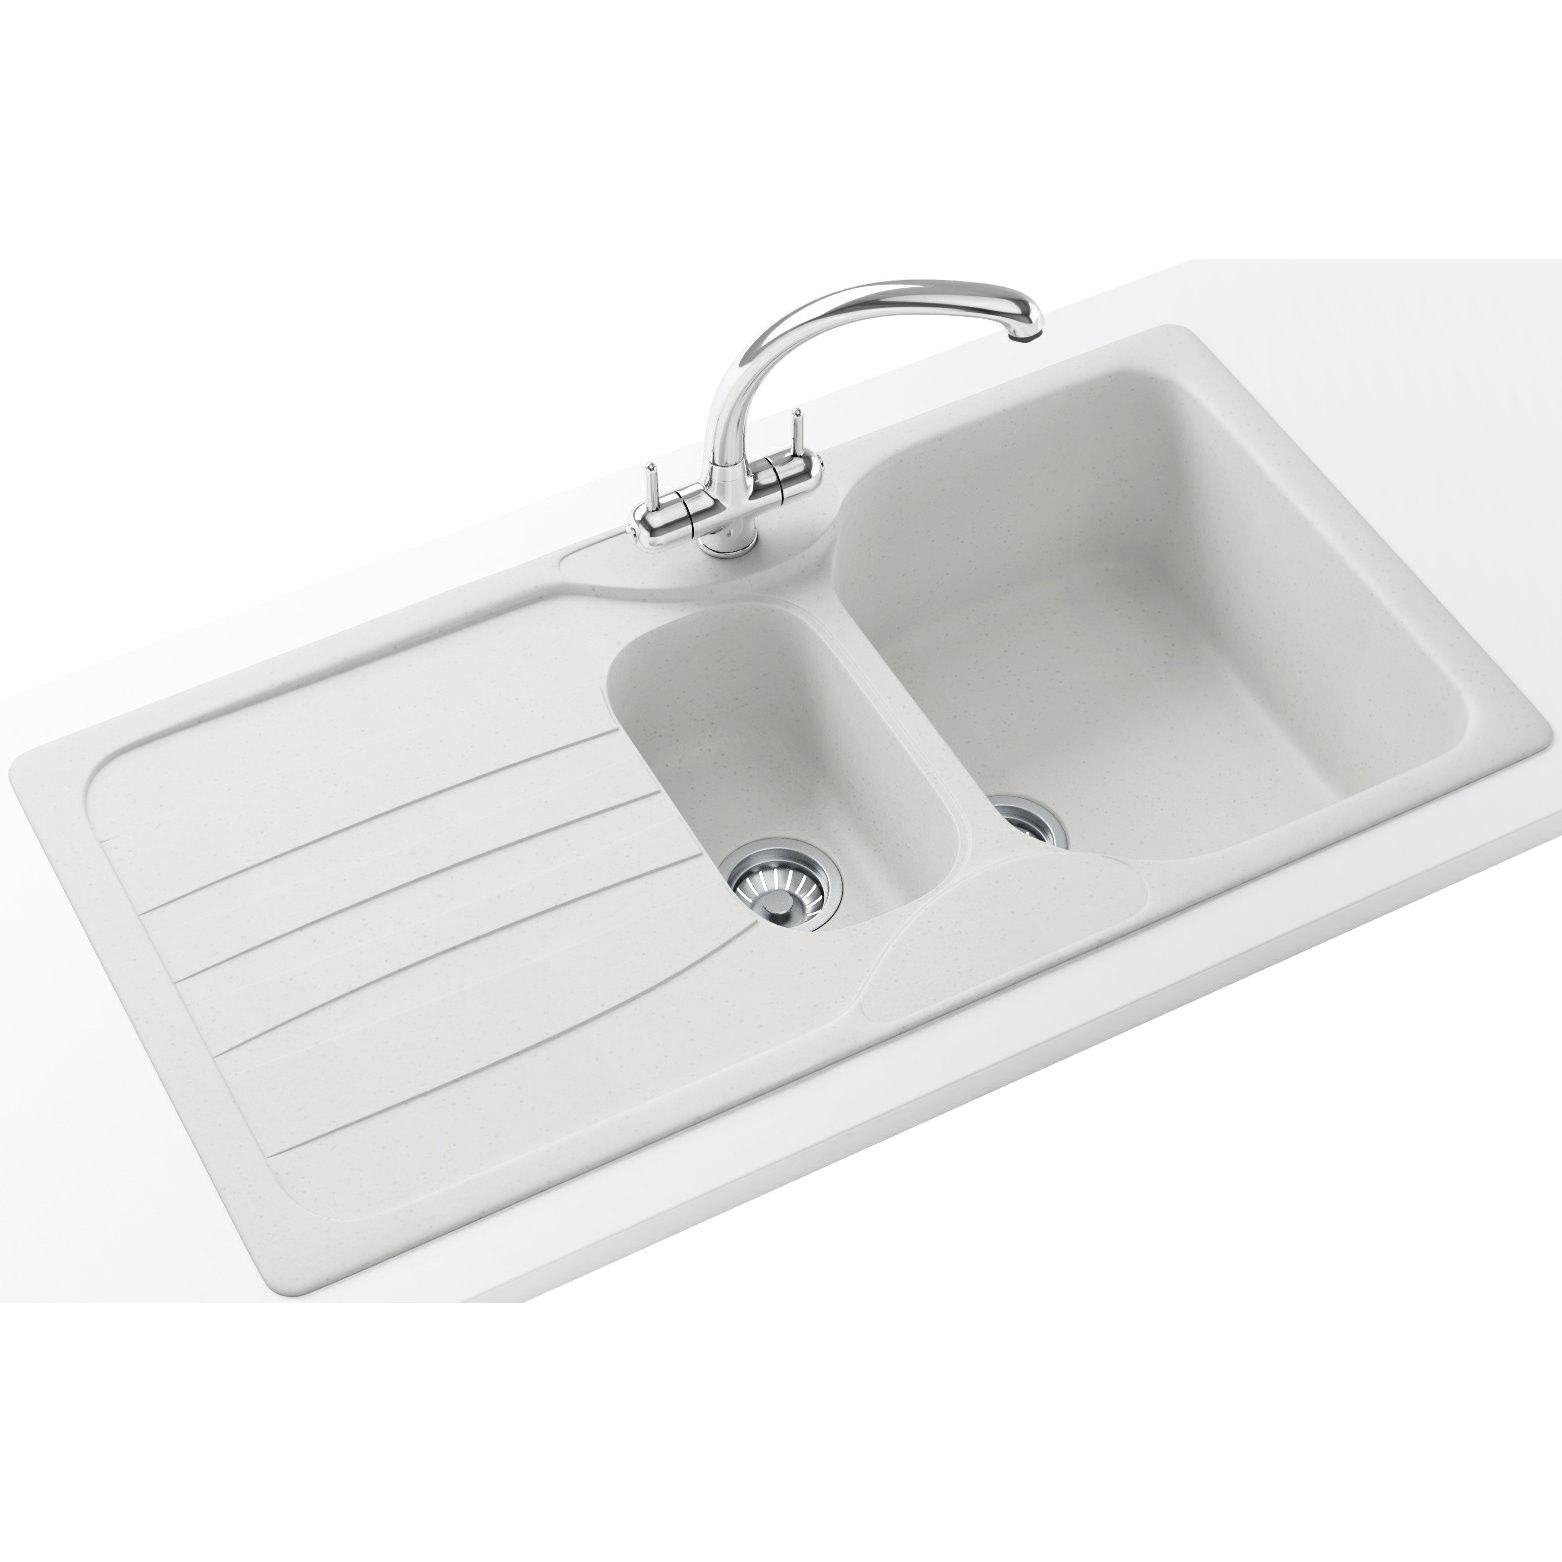 franke kitchen sinks aid grinder calypso propack cog 651 fragranite polar white sink